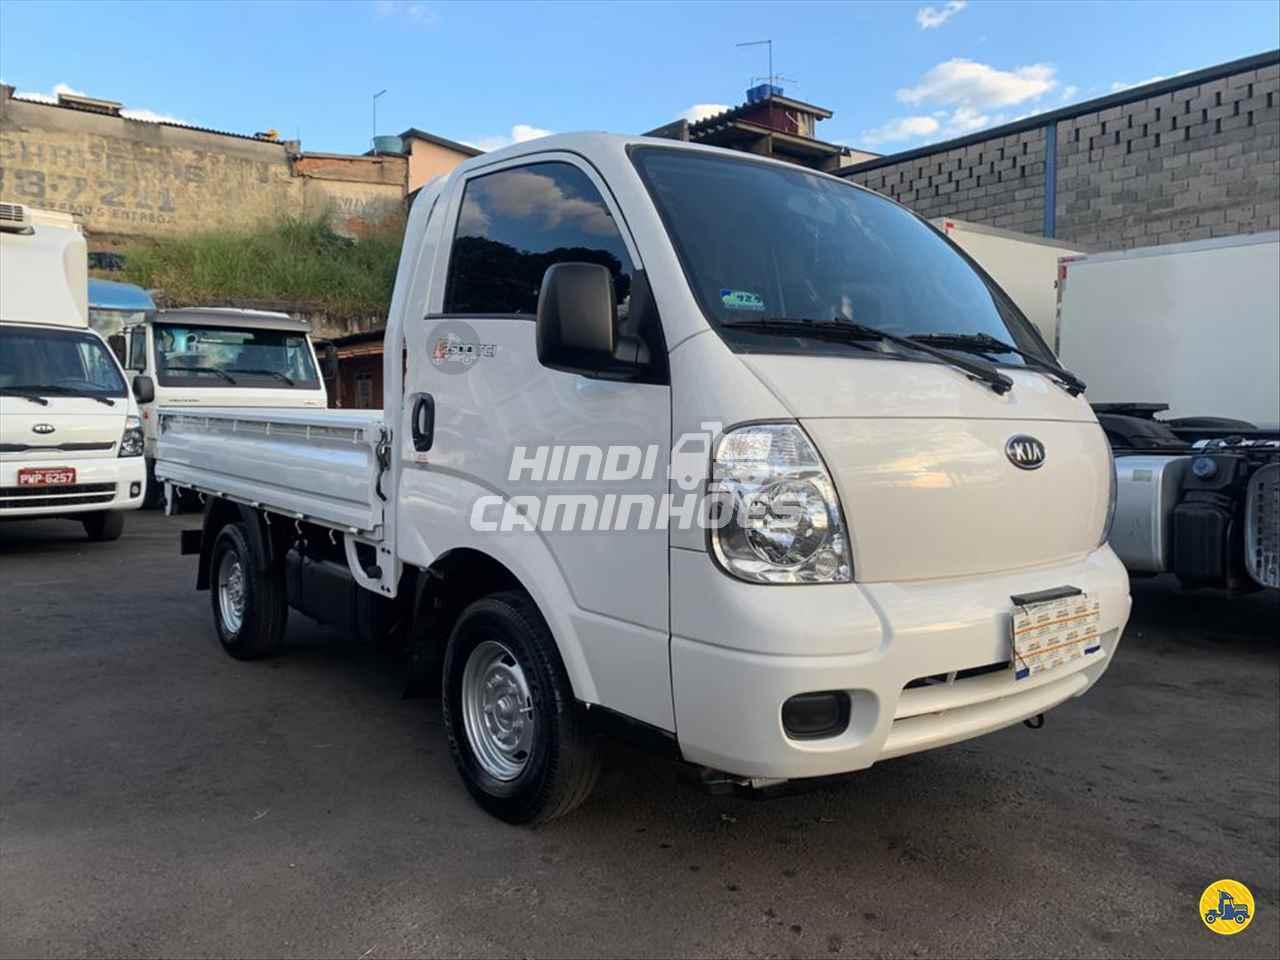 KIA 2400 de Hindi Caminhões - CONTAGEM/MG